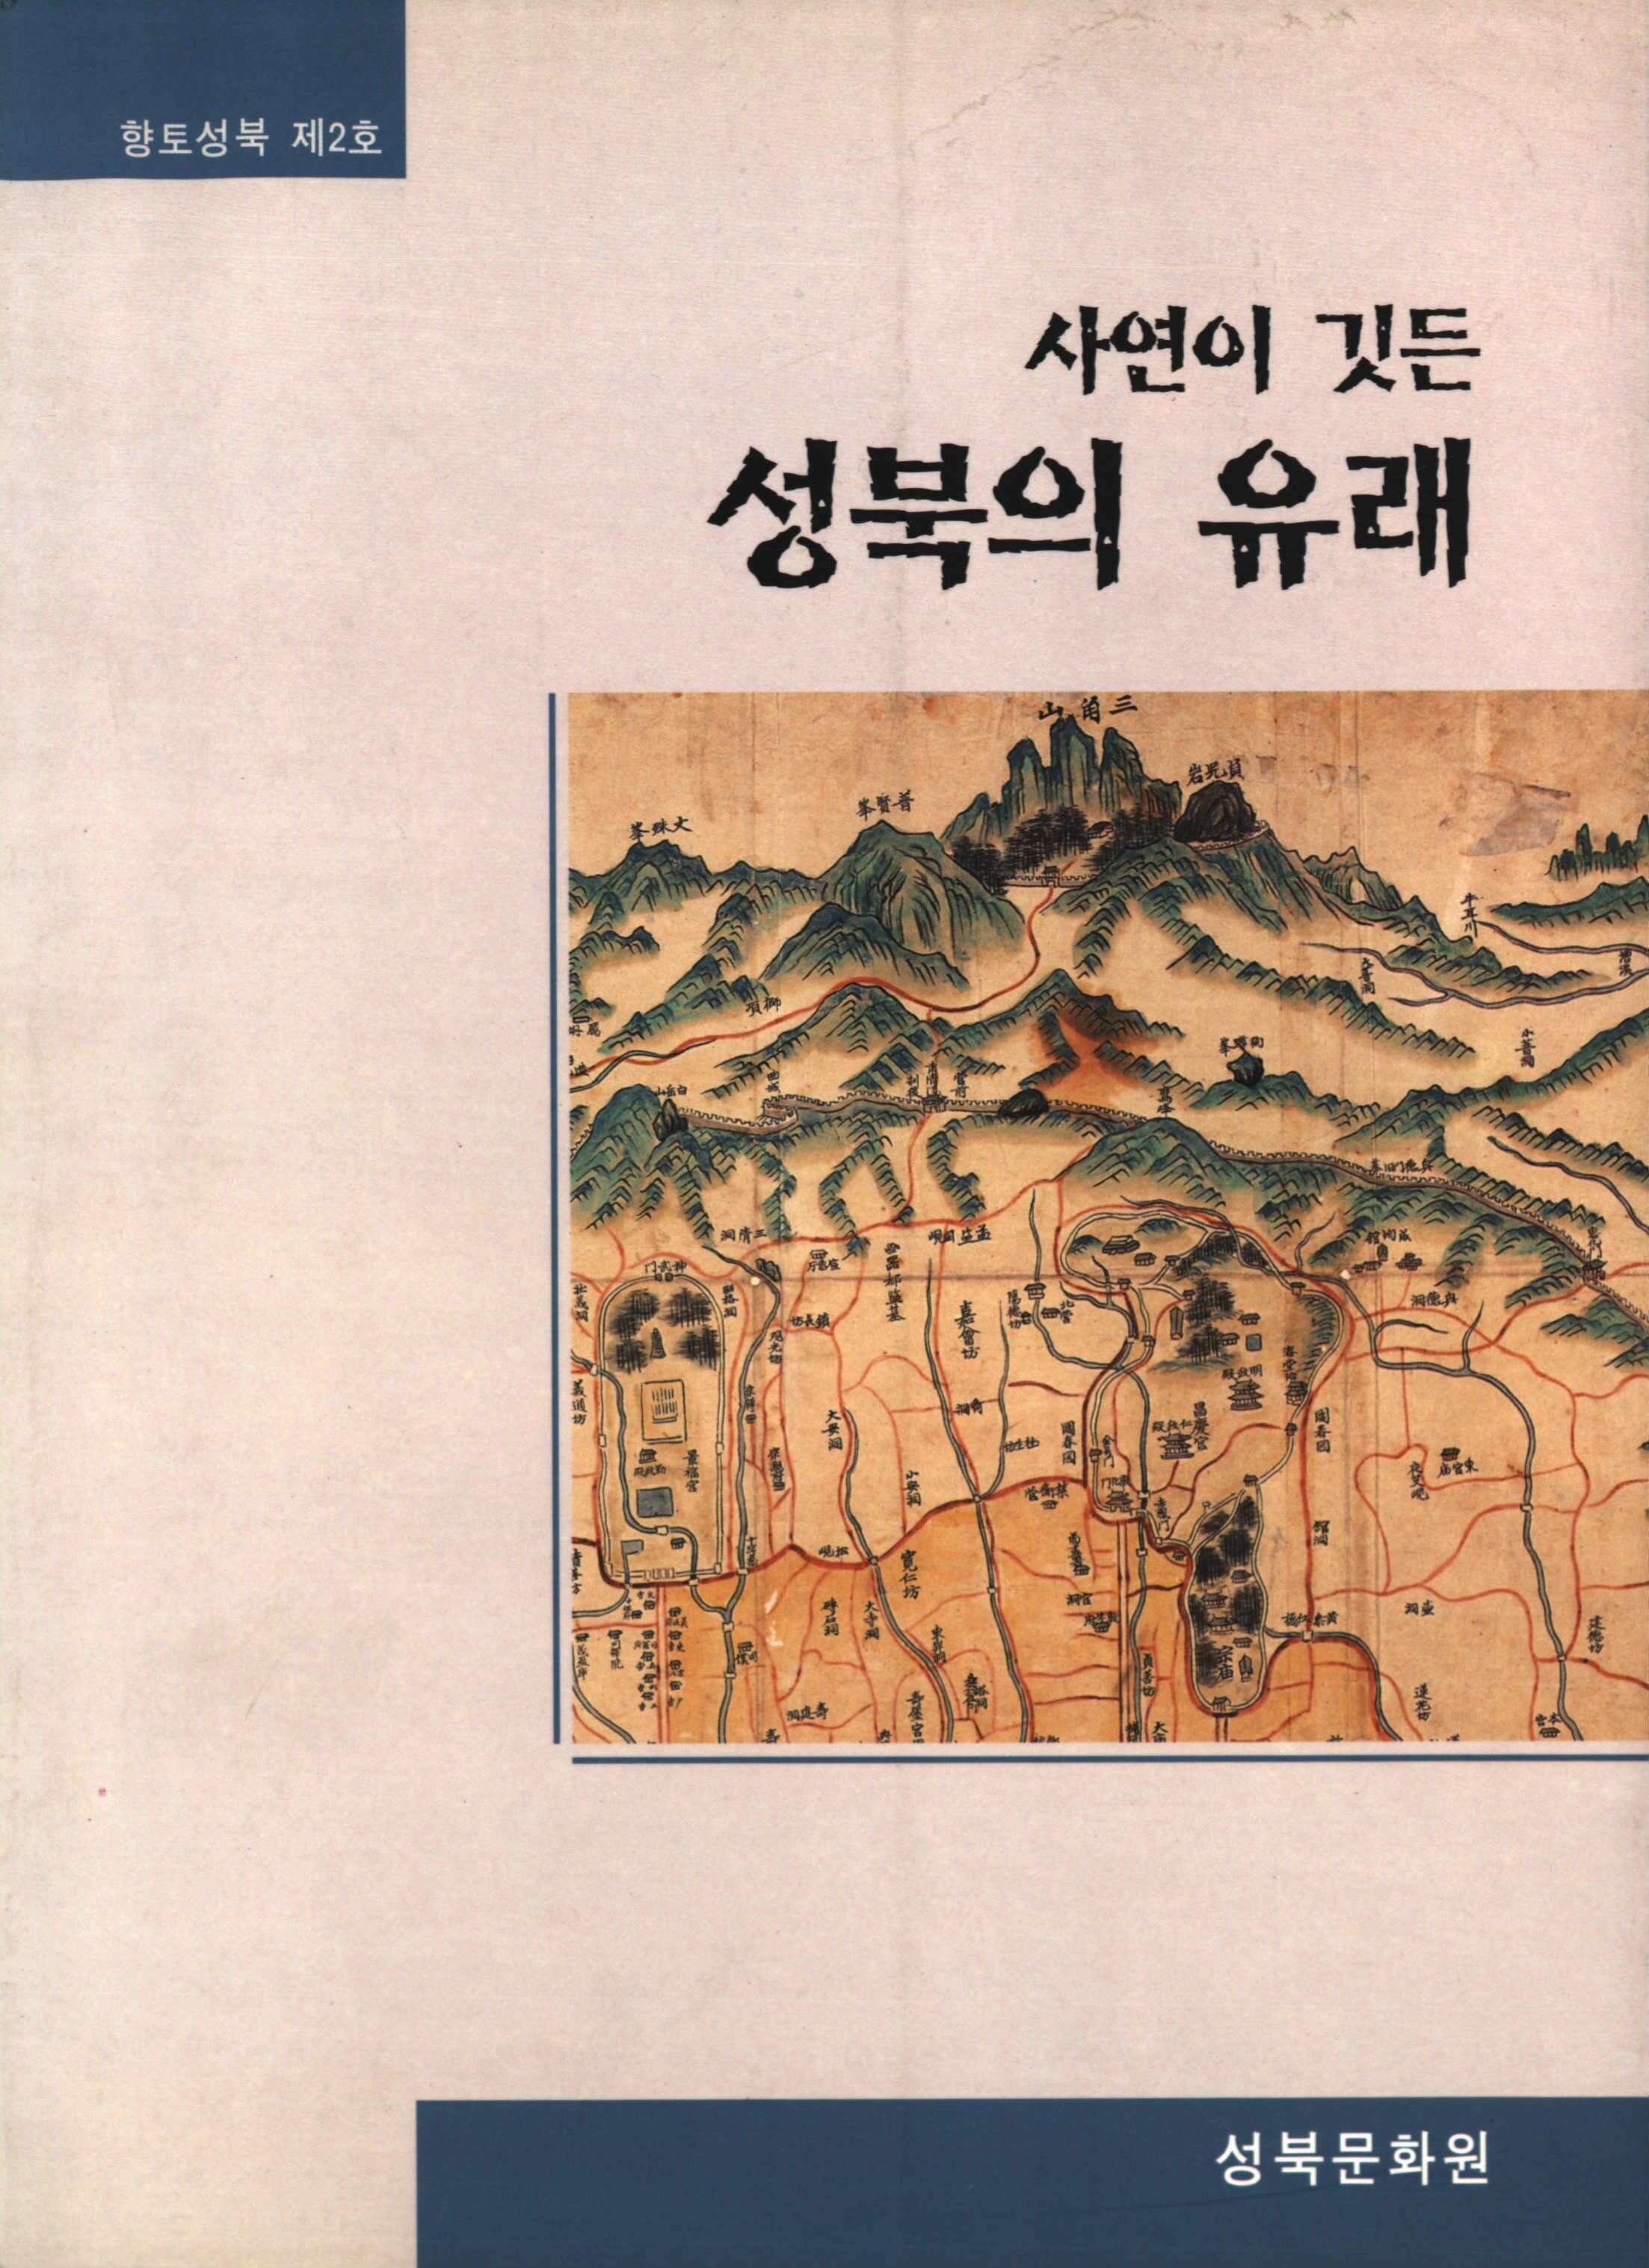 향토성북-사연이 깃든 성북의 유래-